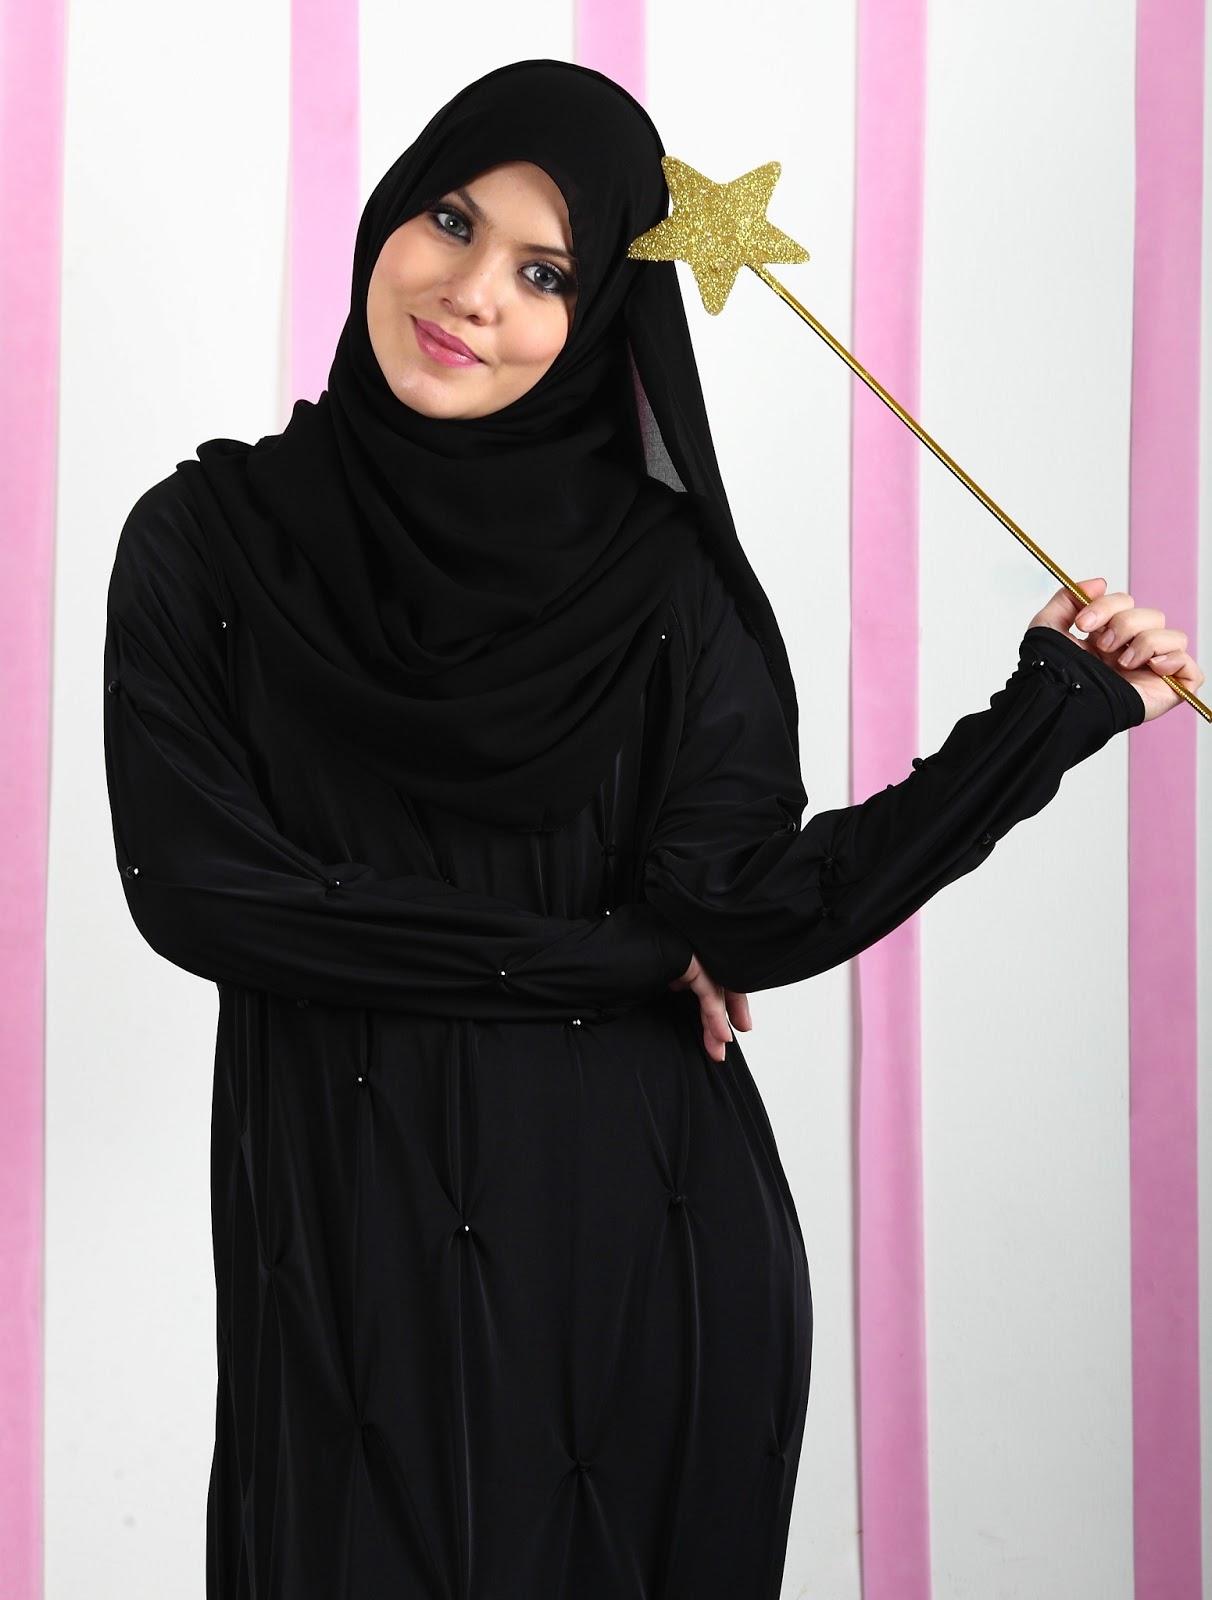 صورة ملابس سوداء للمحجبات 12336 7